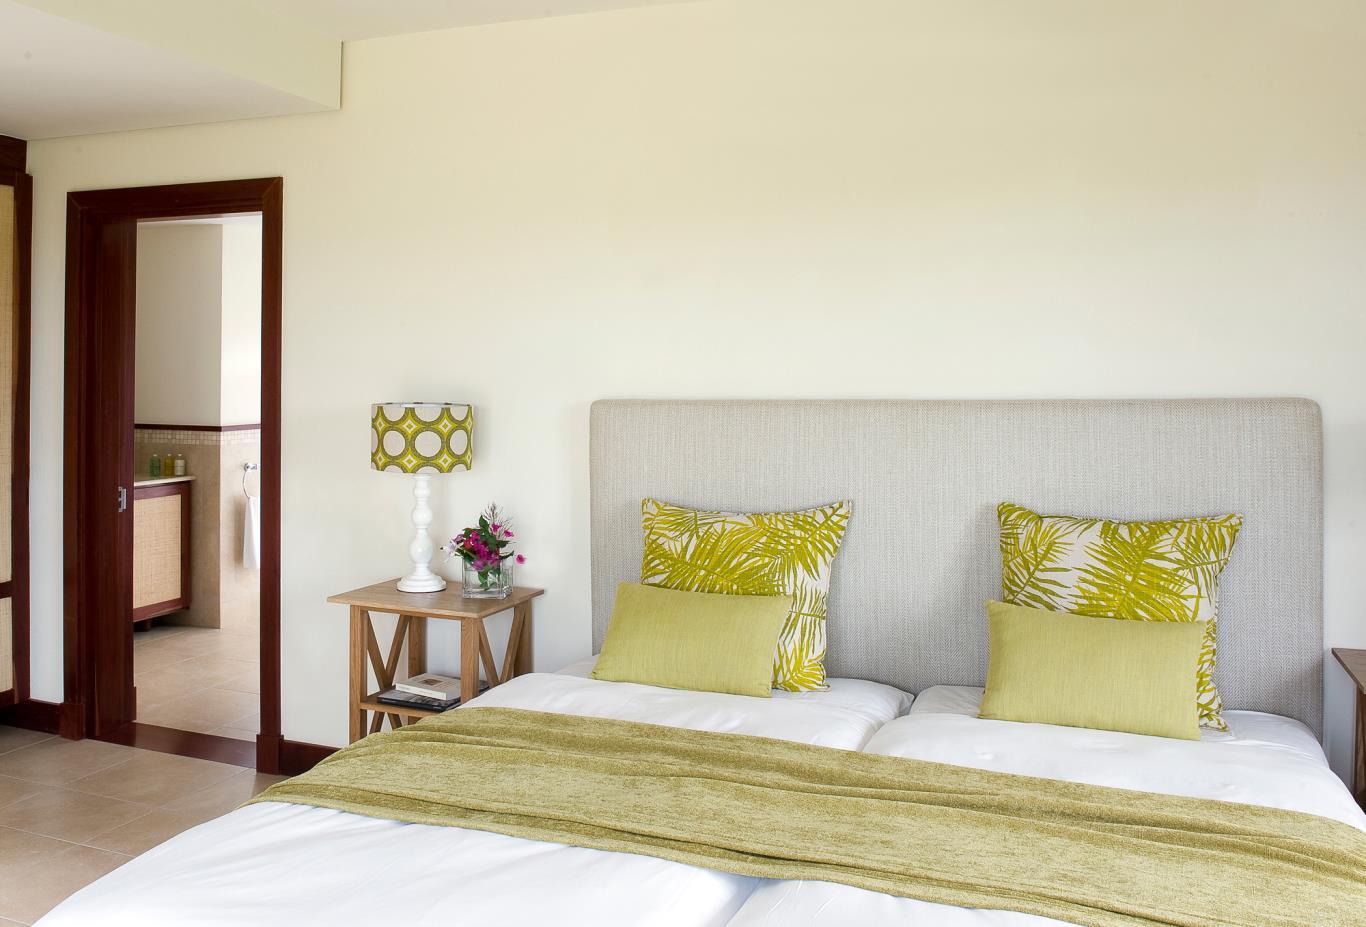 Rooms-Interior